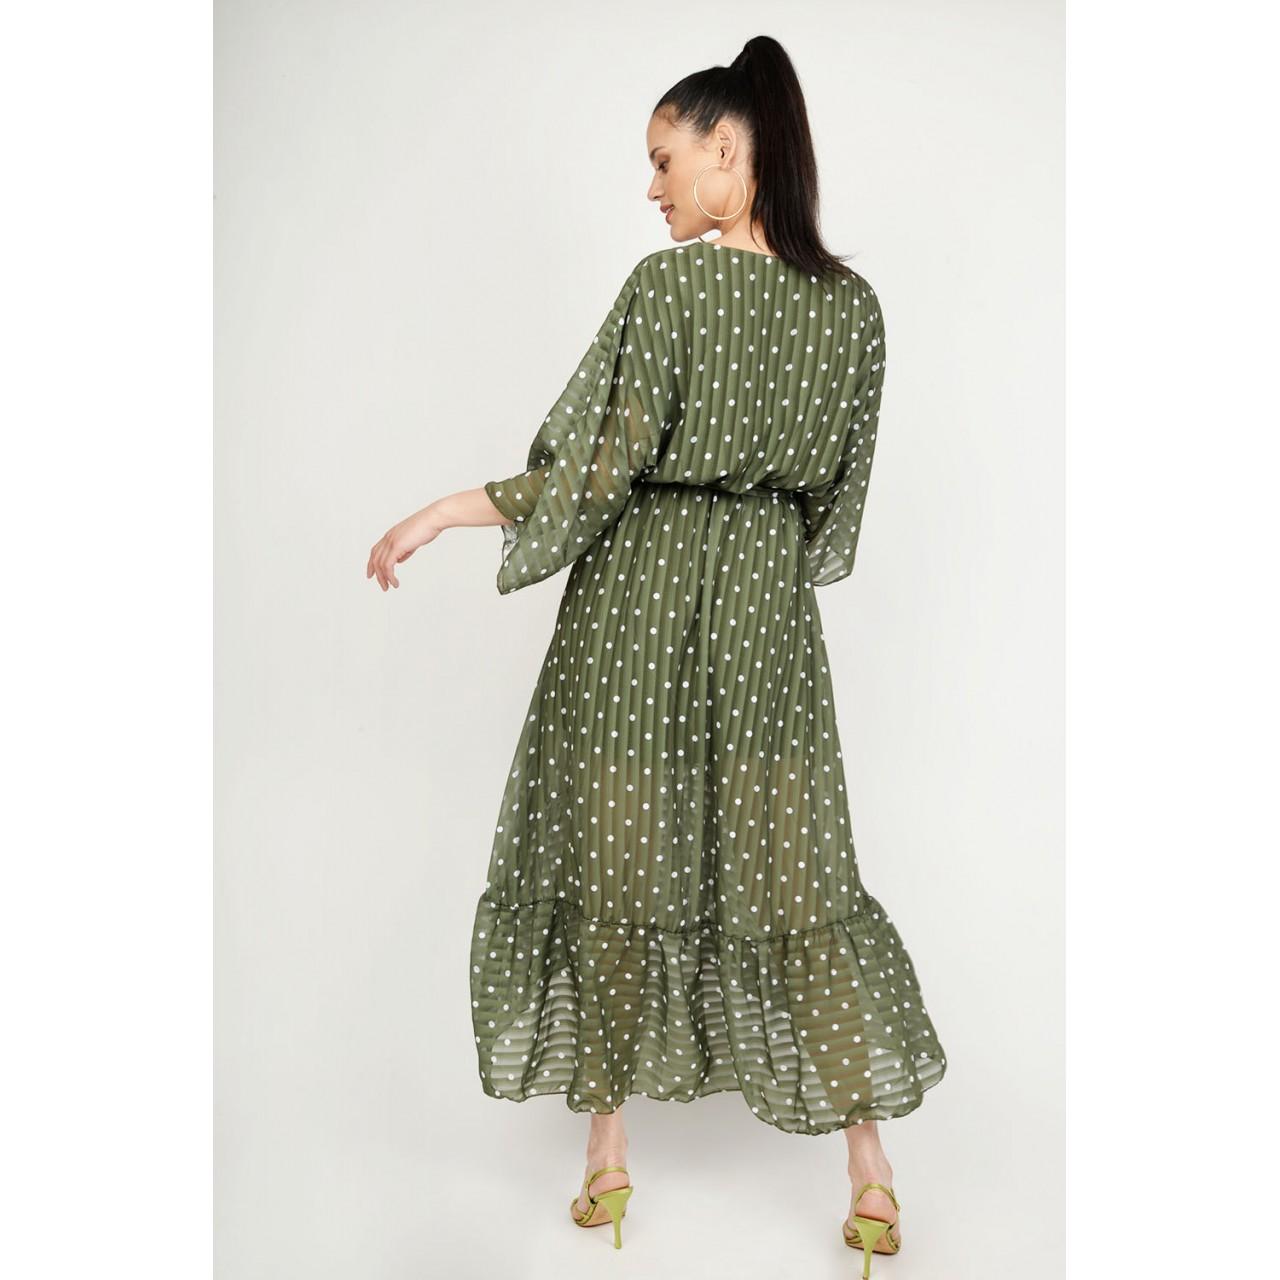 b8e40c20e15 Φόρεμα ασύμμετρο πουά Limited Edition Φόρεμα ασύμμετρο πουά Limited Edition  ...